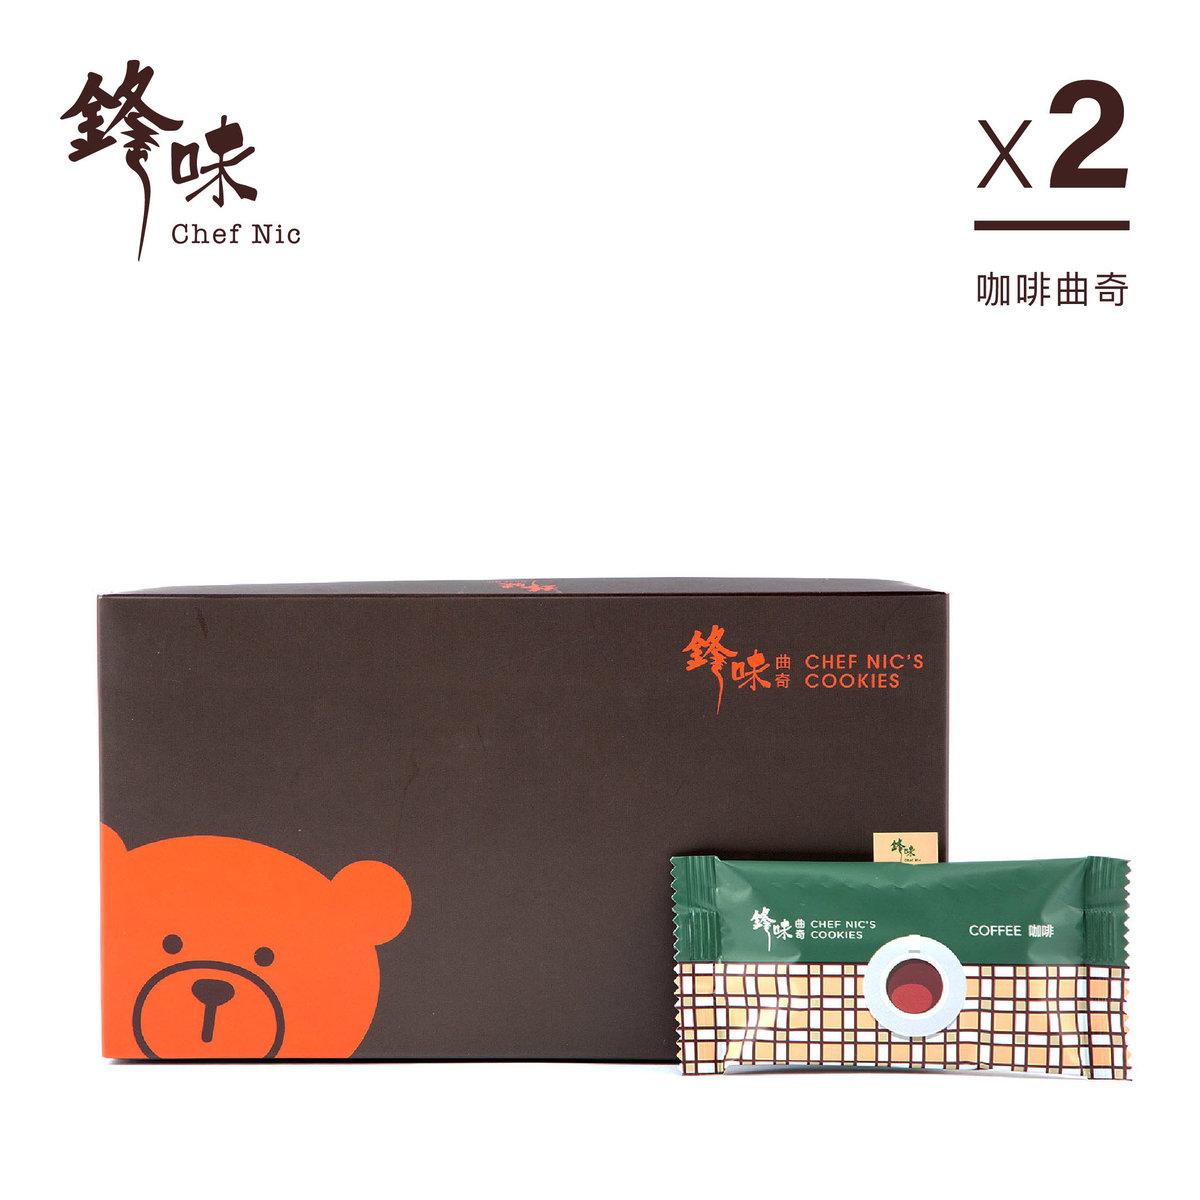 咖啡曲奇 X 2 盒